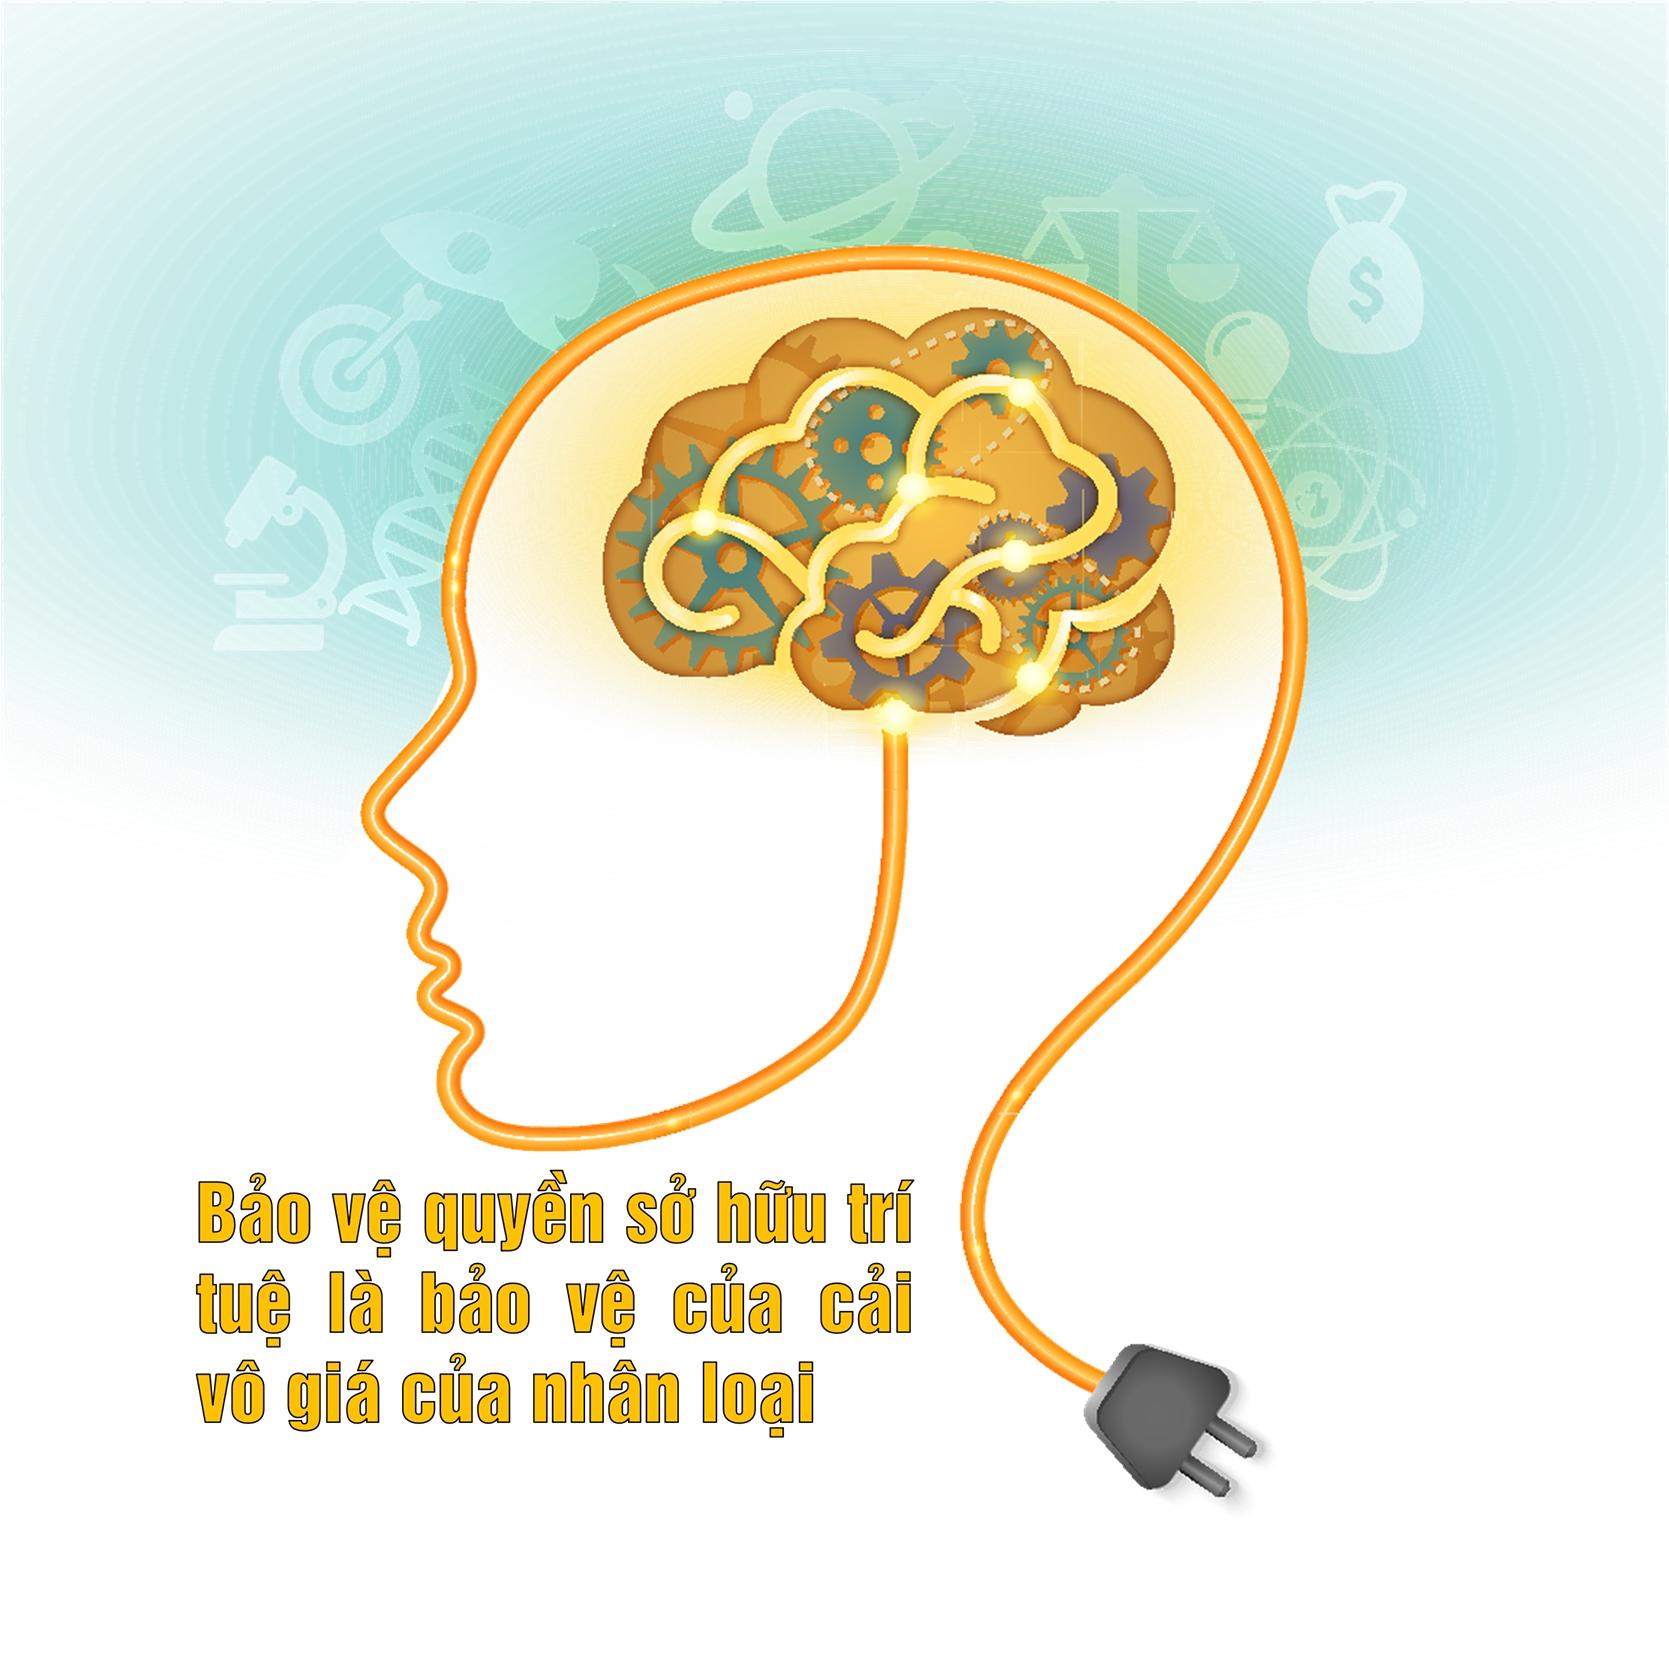 Phòng vấn về luật sở hữu trí tuệ: Còn nhiều bất cập trong quy định và thực thi